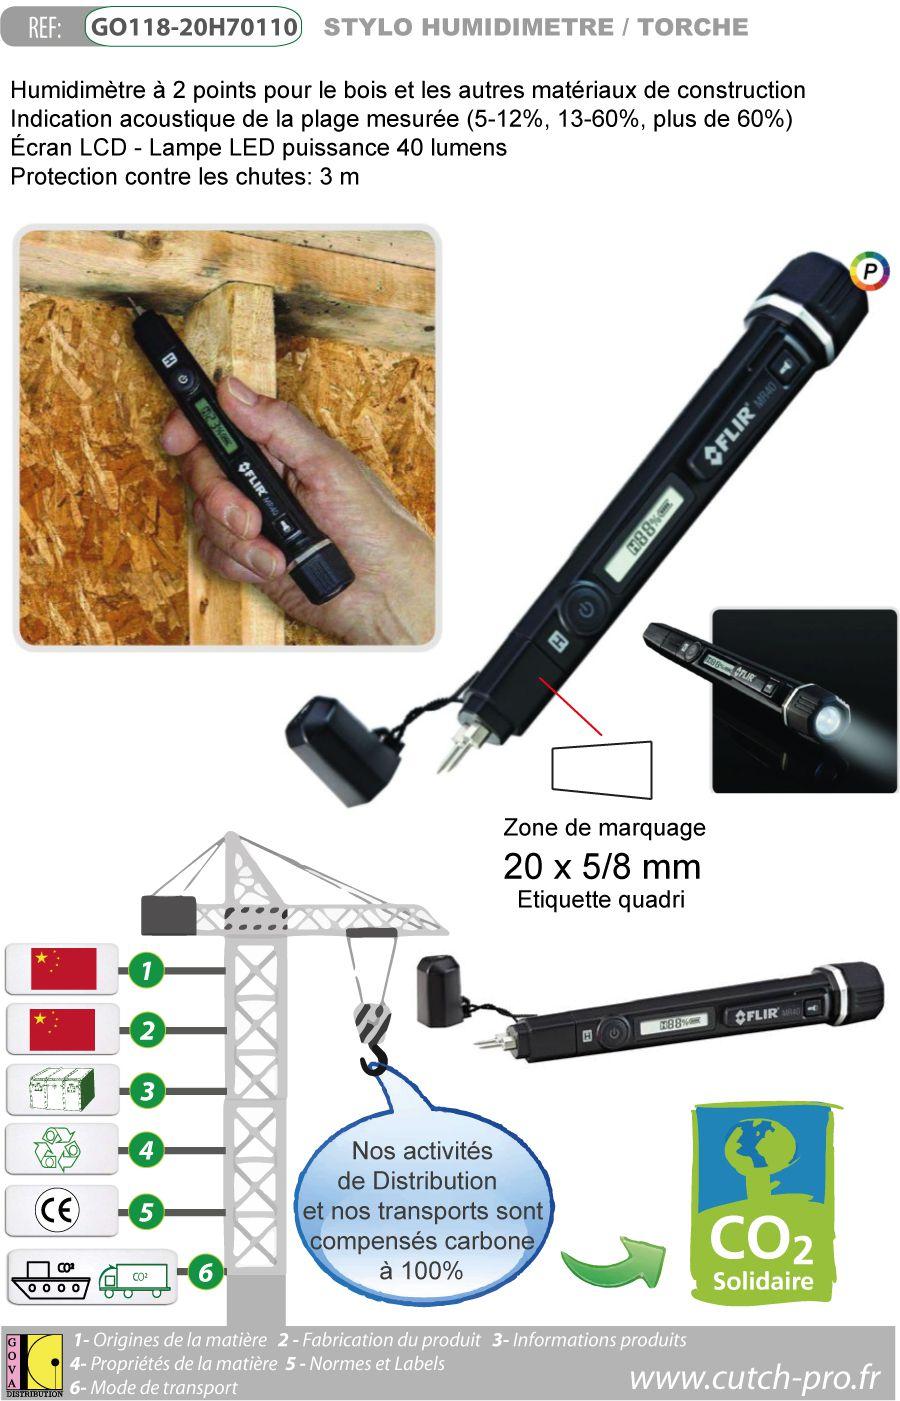 Stylo humidimetre professionnel avec torche - GO118-20H70110